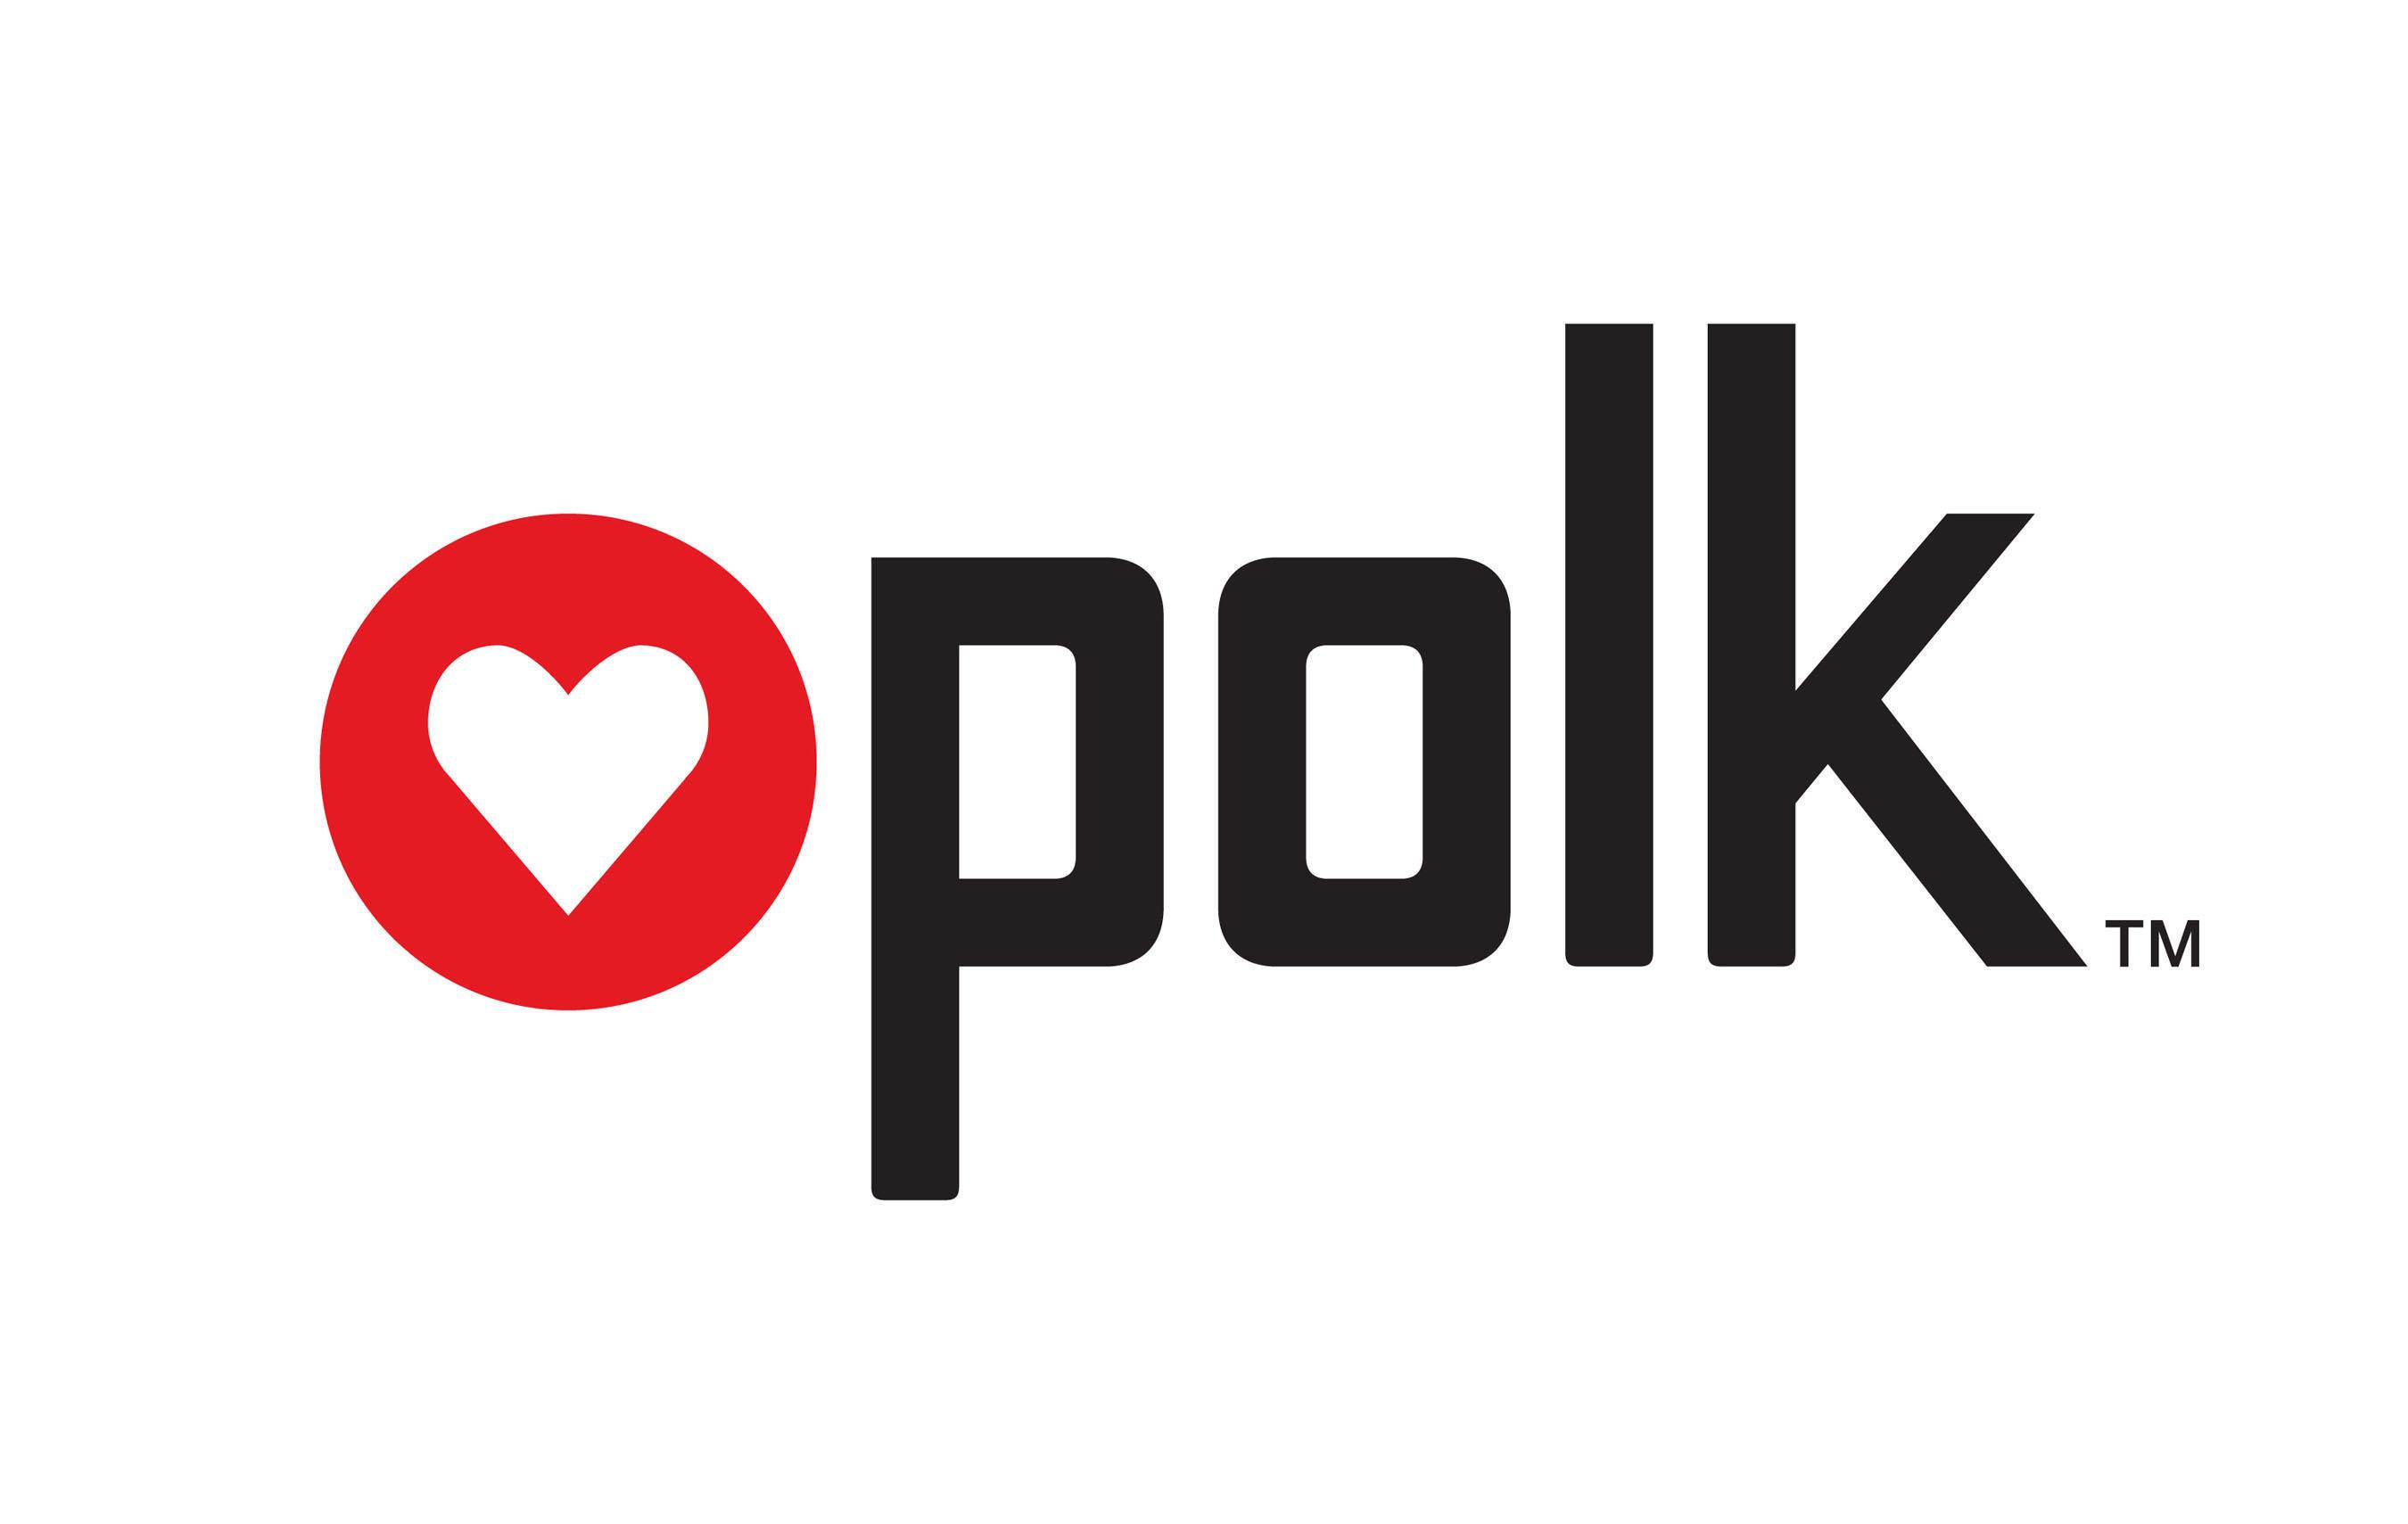 Polk logo. (PRNewsFoto/Polk) (PRNewsFoto/)